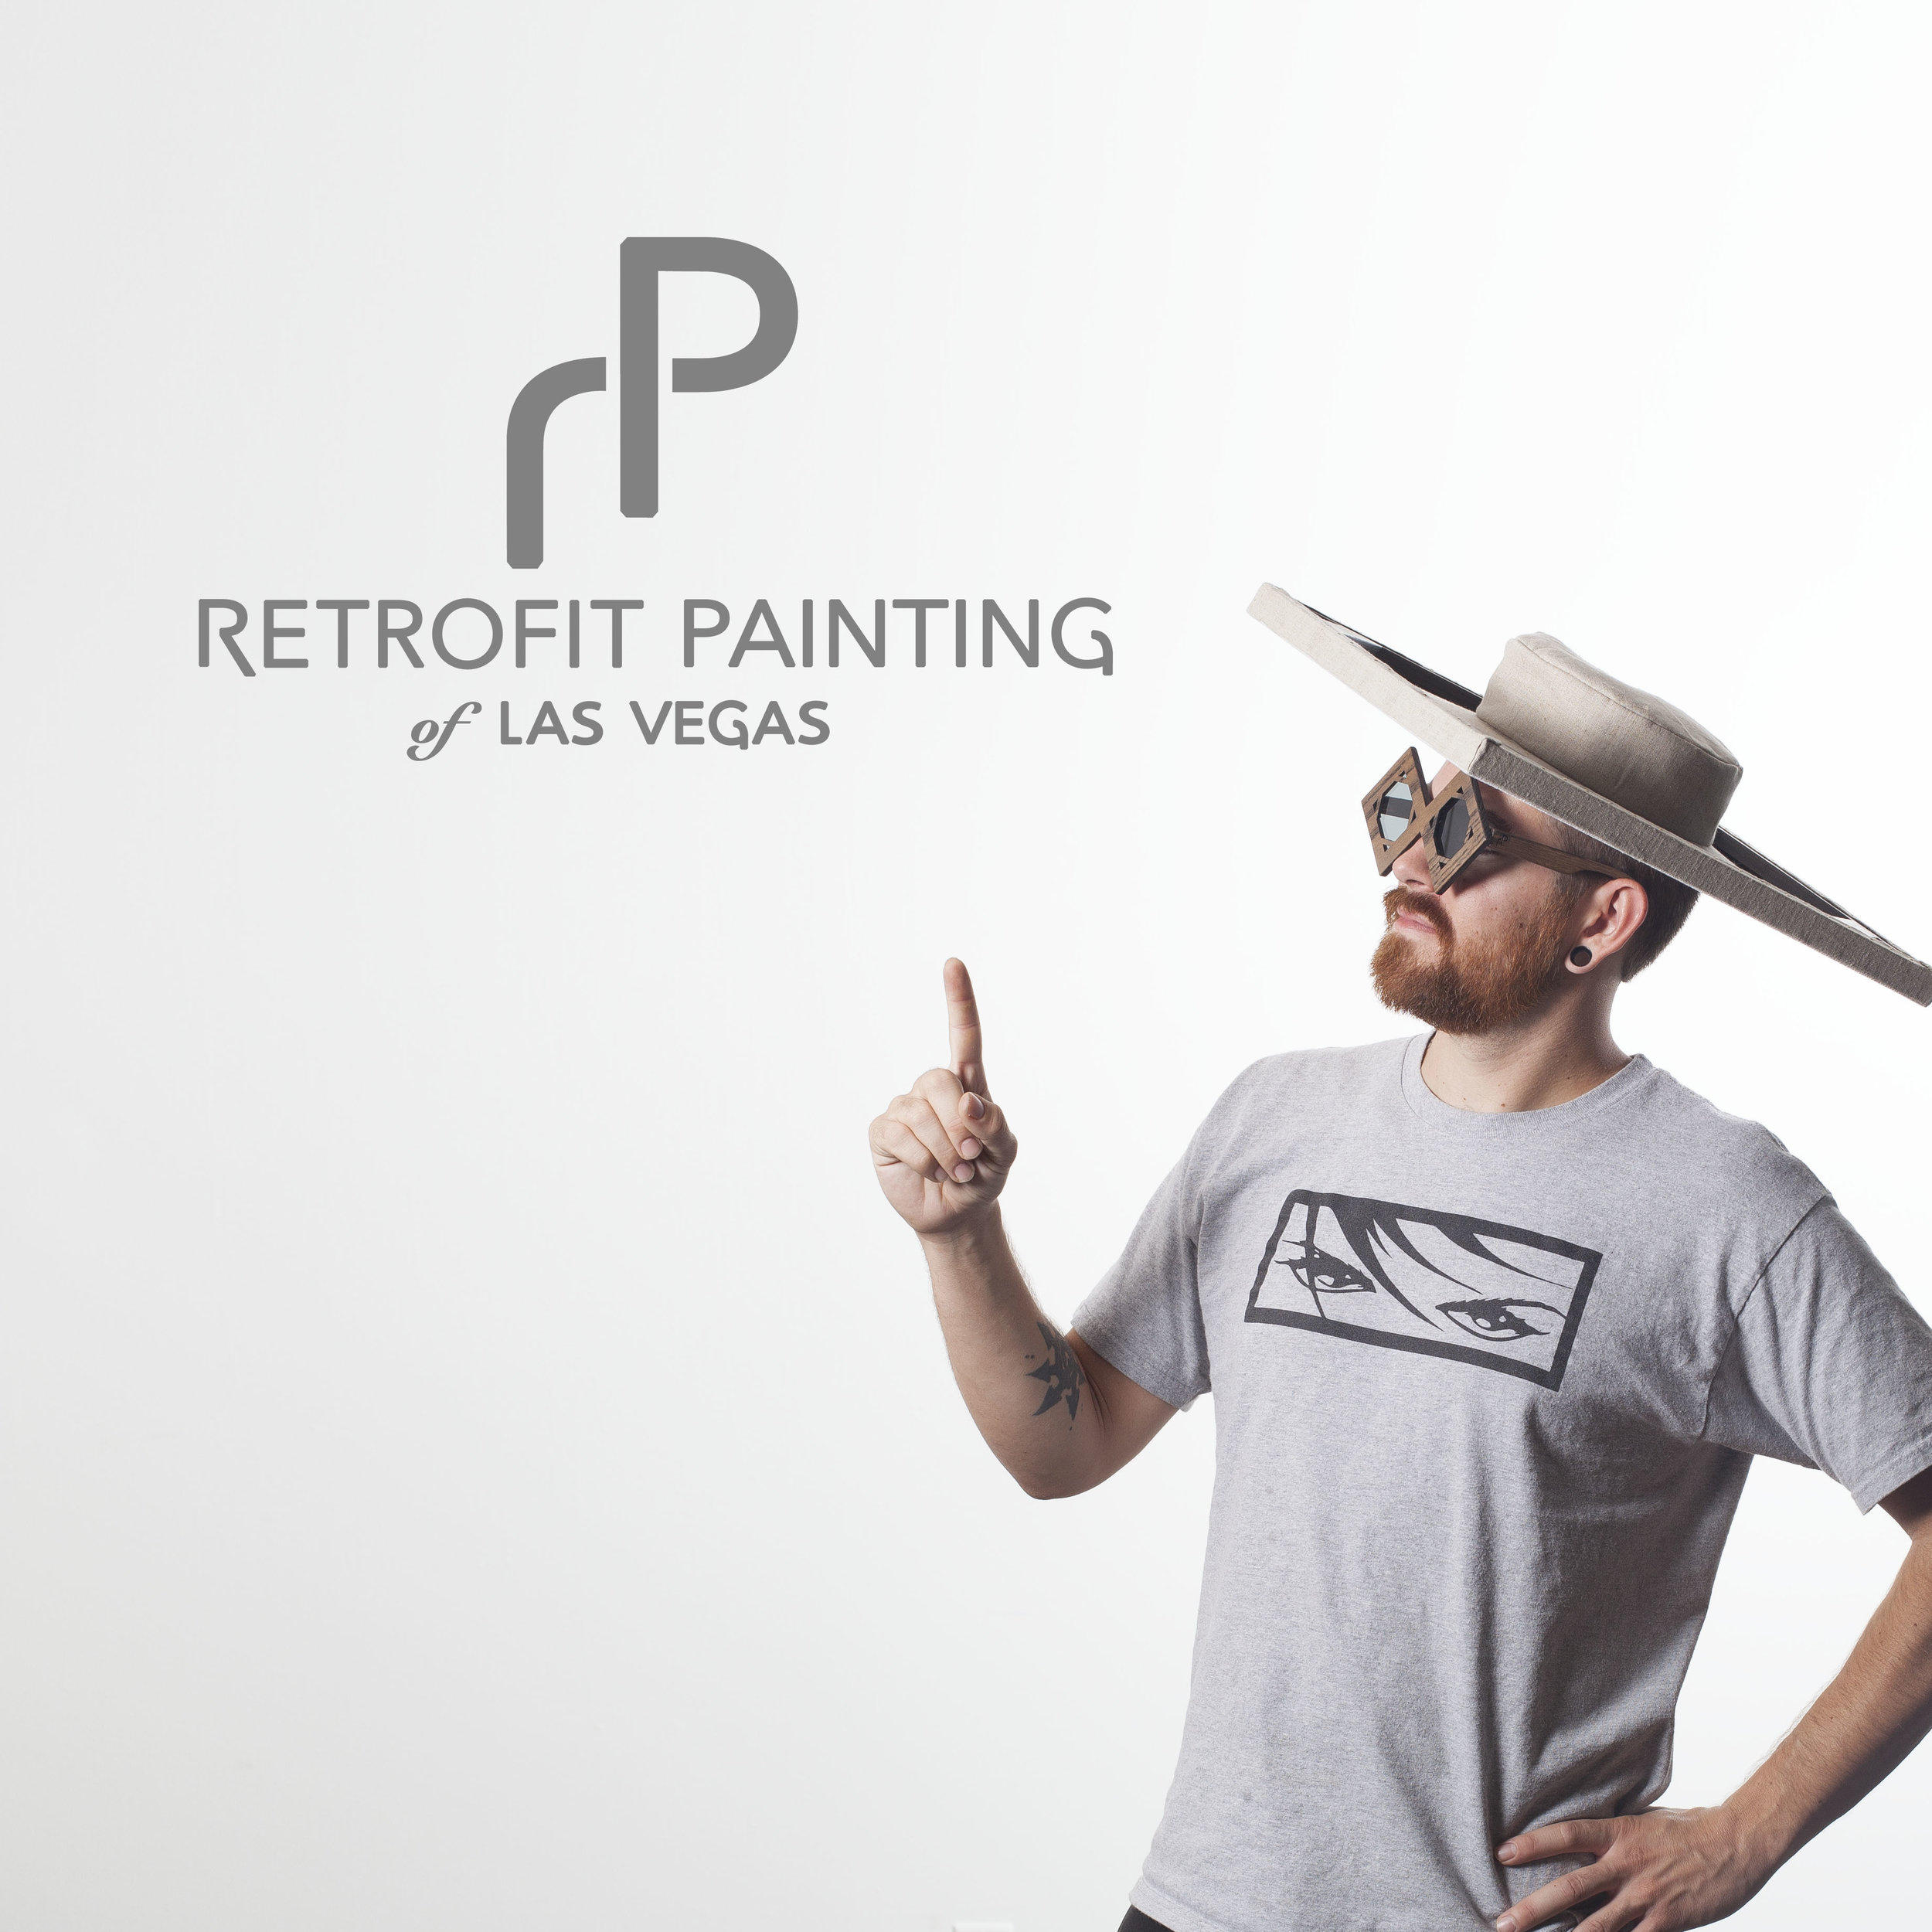 Thomas_Willis_Retrofit_Painting_0026(3).jpg